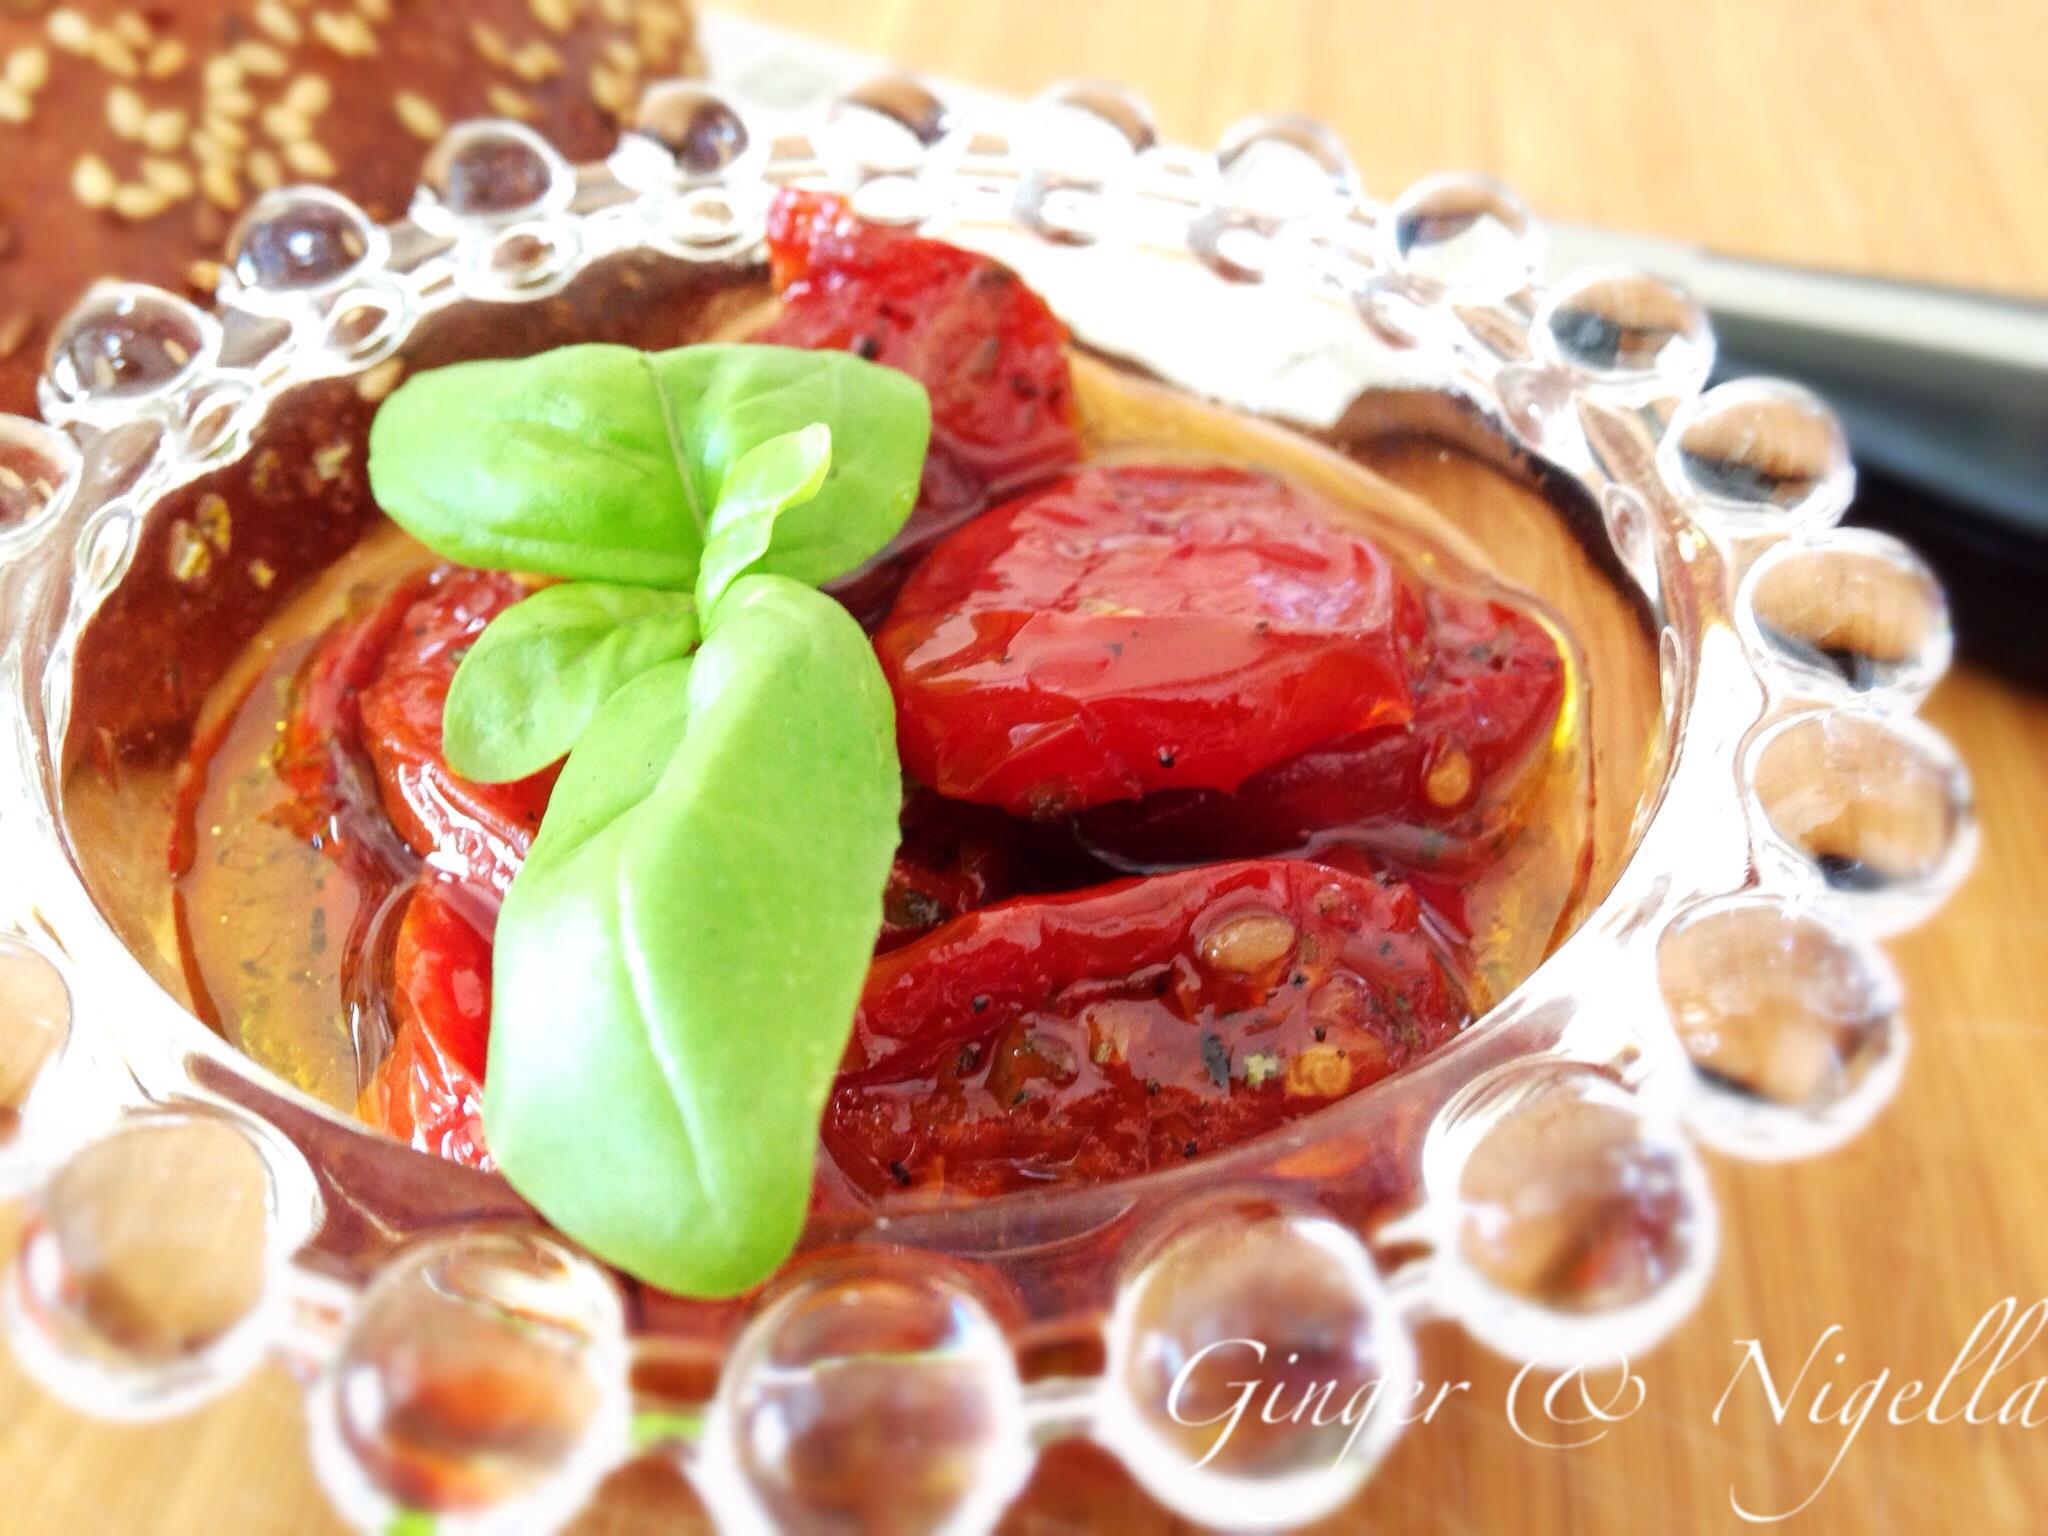 pomodori datterini confit, datterini, pomodorini, pomodoro al forno